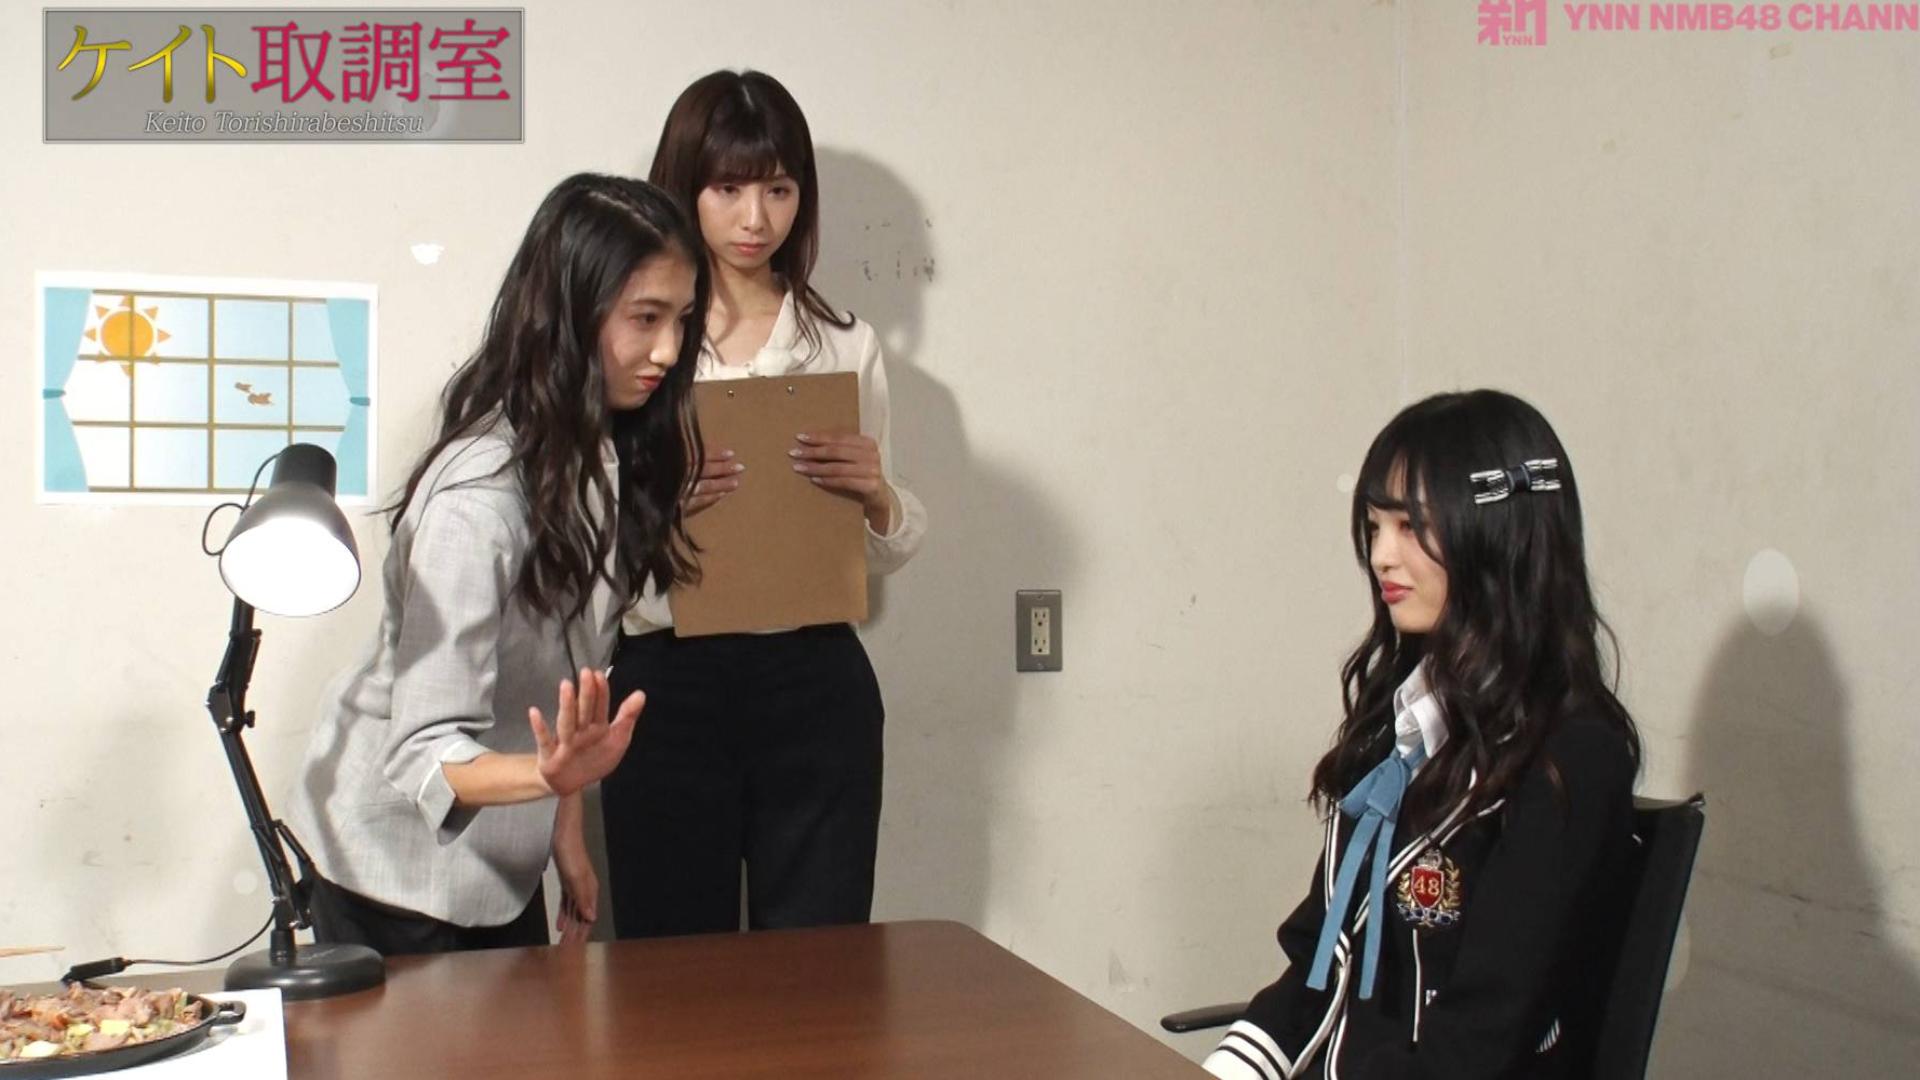 200124 YNN NMB48チャンネル  ケイト取調室 #5